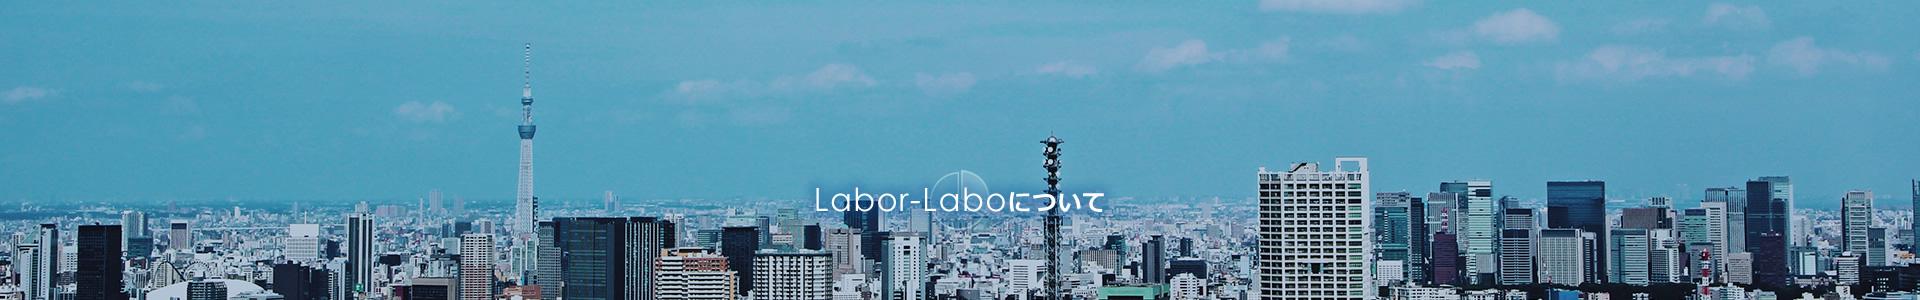 Labor-Laboについて